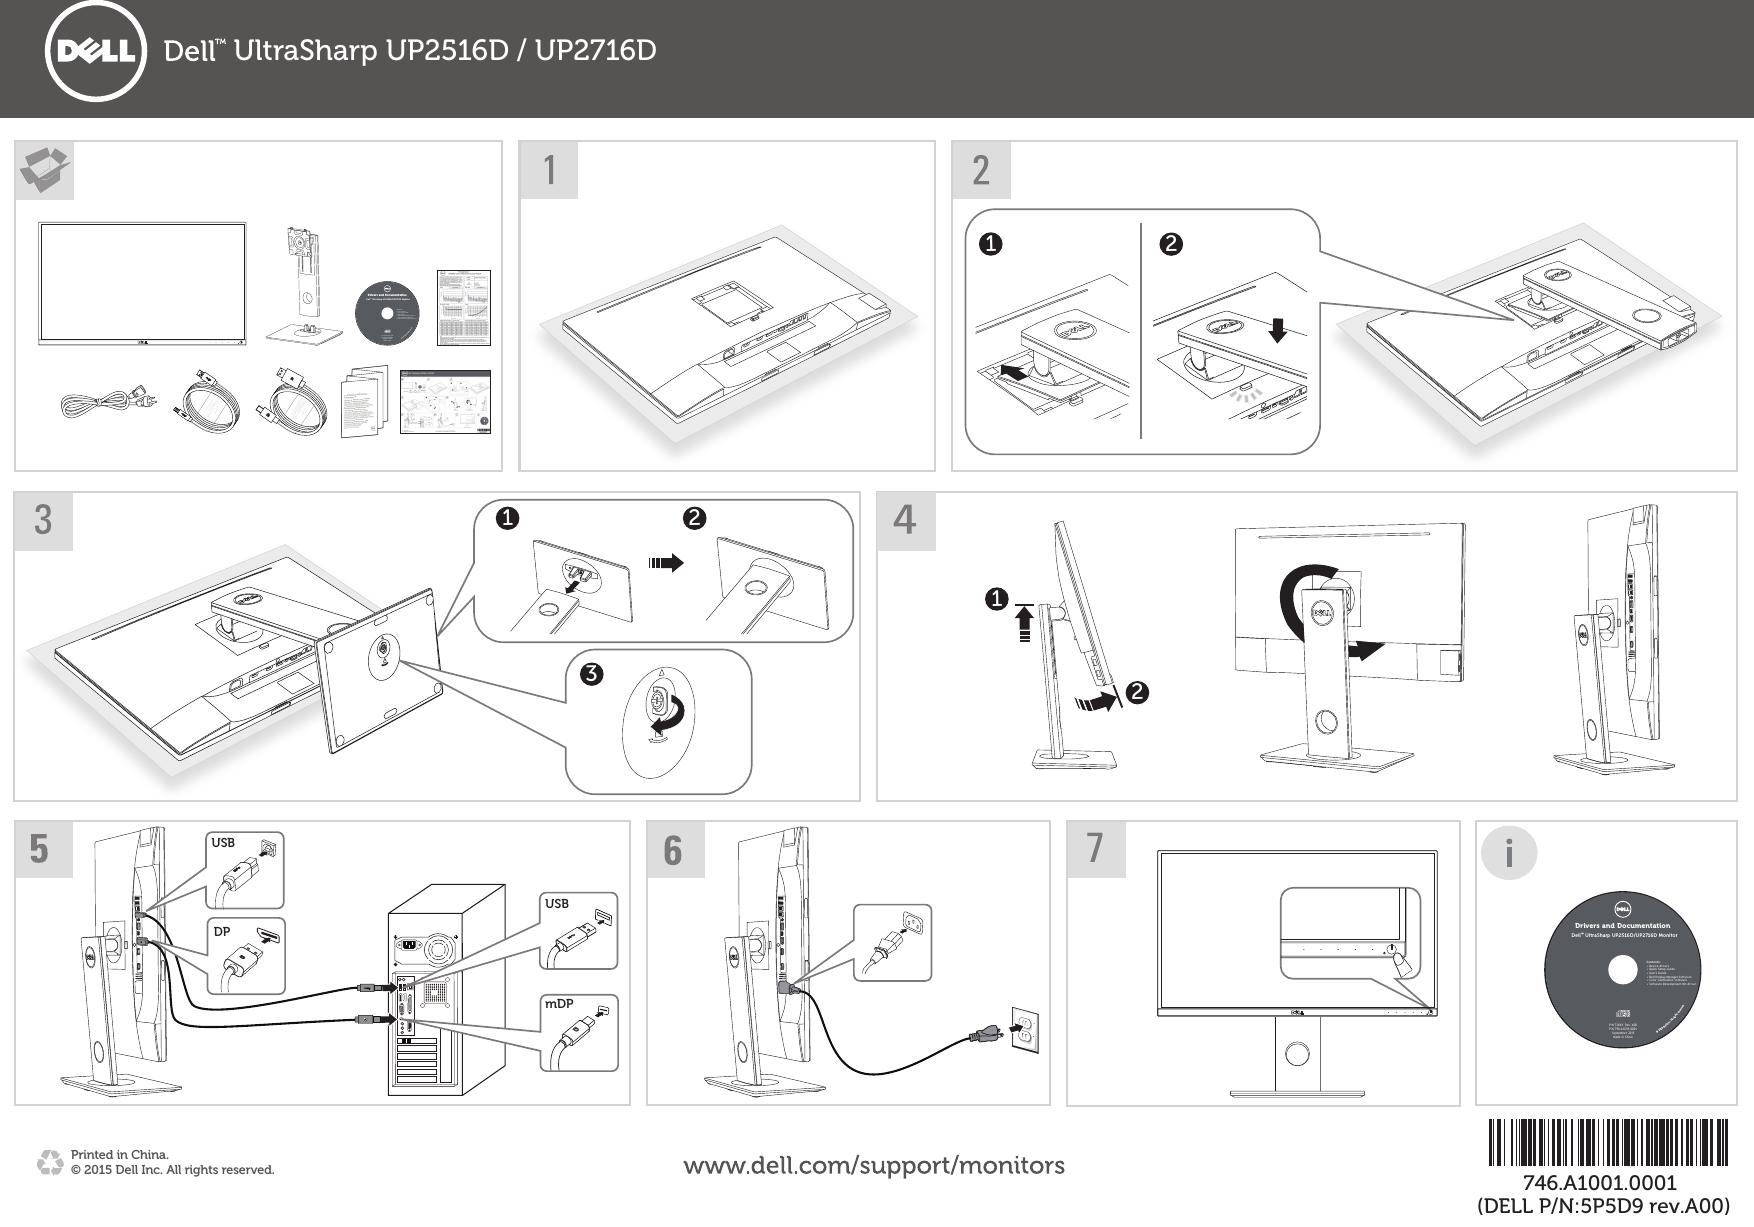 Dell up2716d monitor UltraSharp Quick Start Guide User